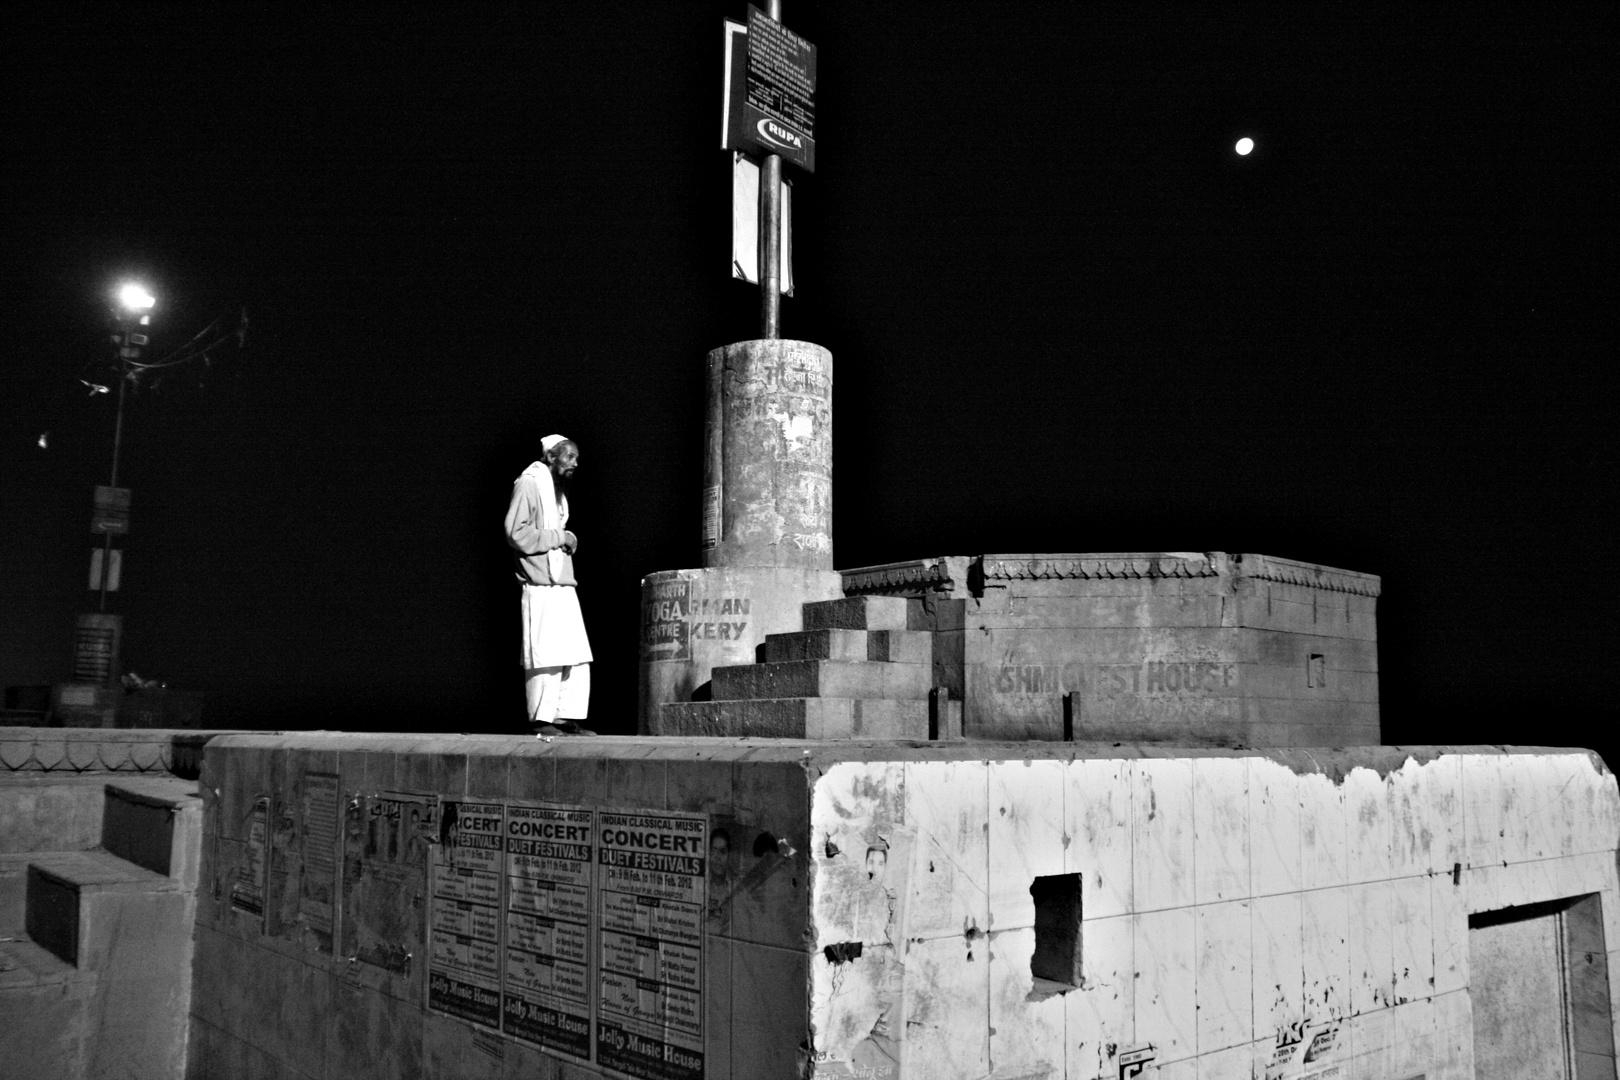 Mein freund Ismail er ist ein nacht wandler (somnambulist) ;-(((